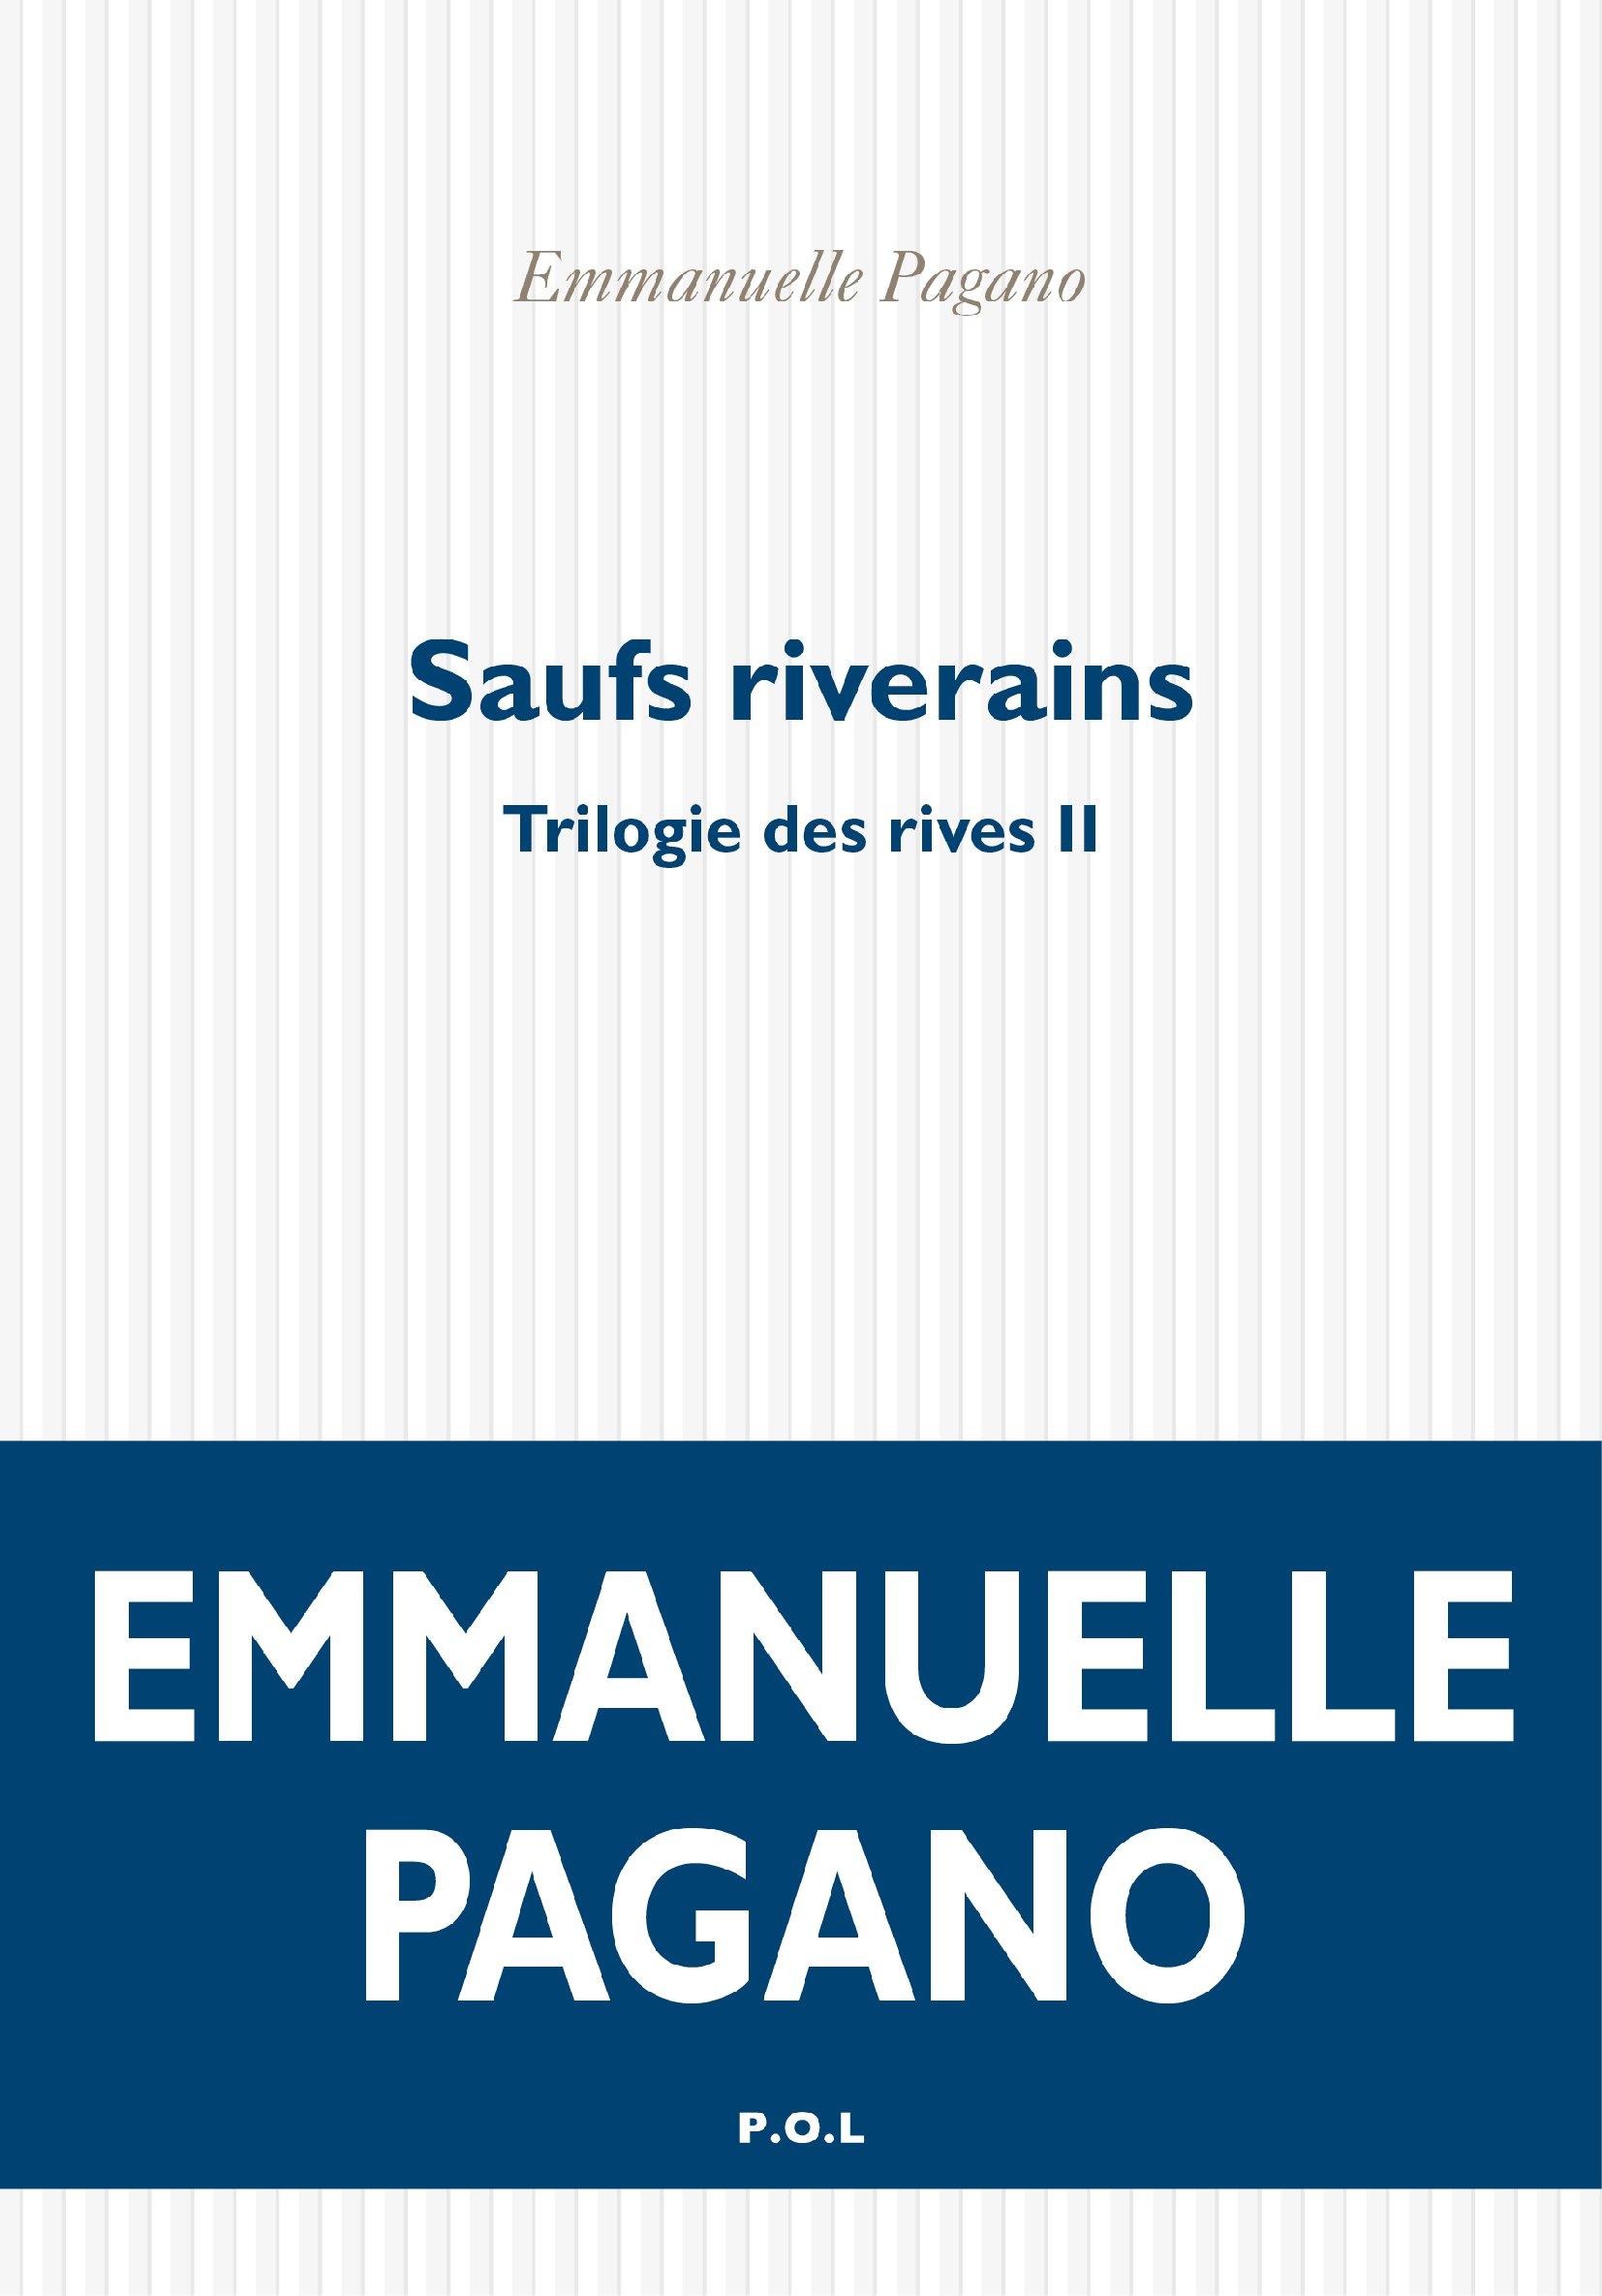 Trilogie des rives (Tome 2) - Saufs riverains